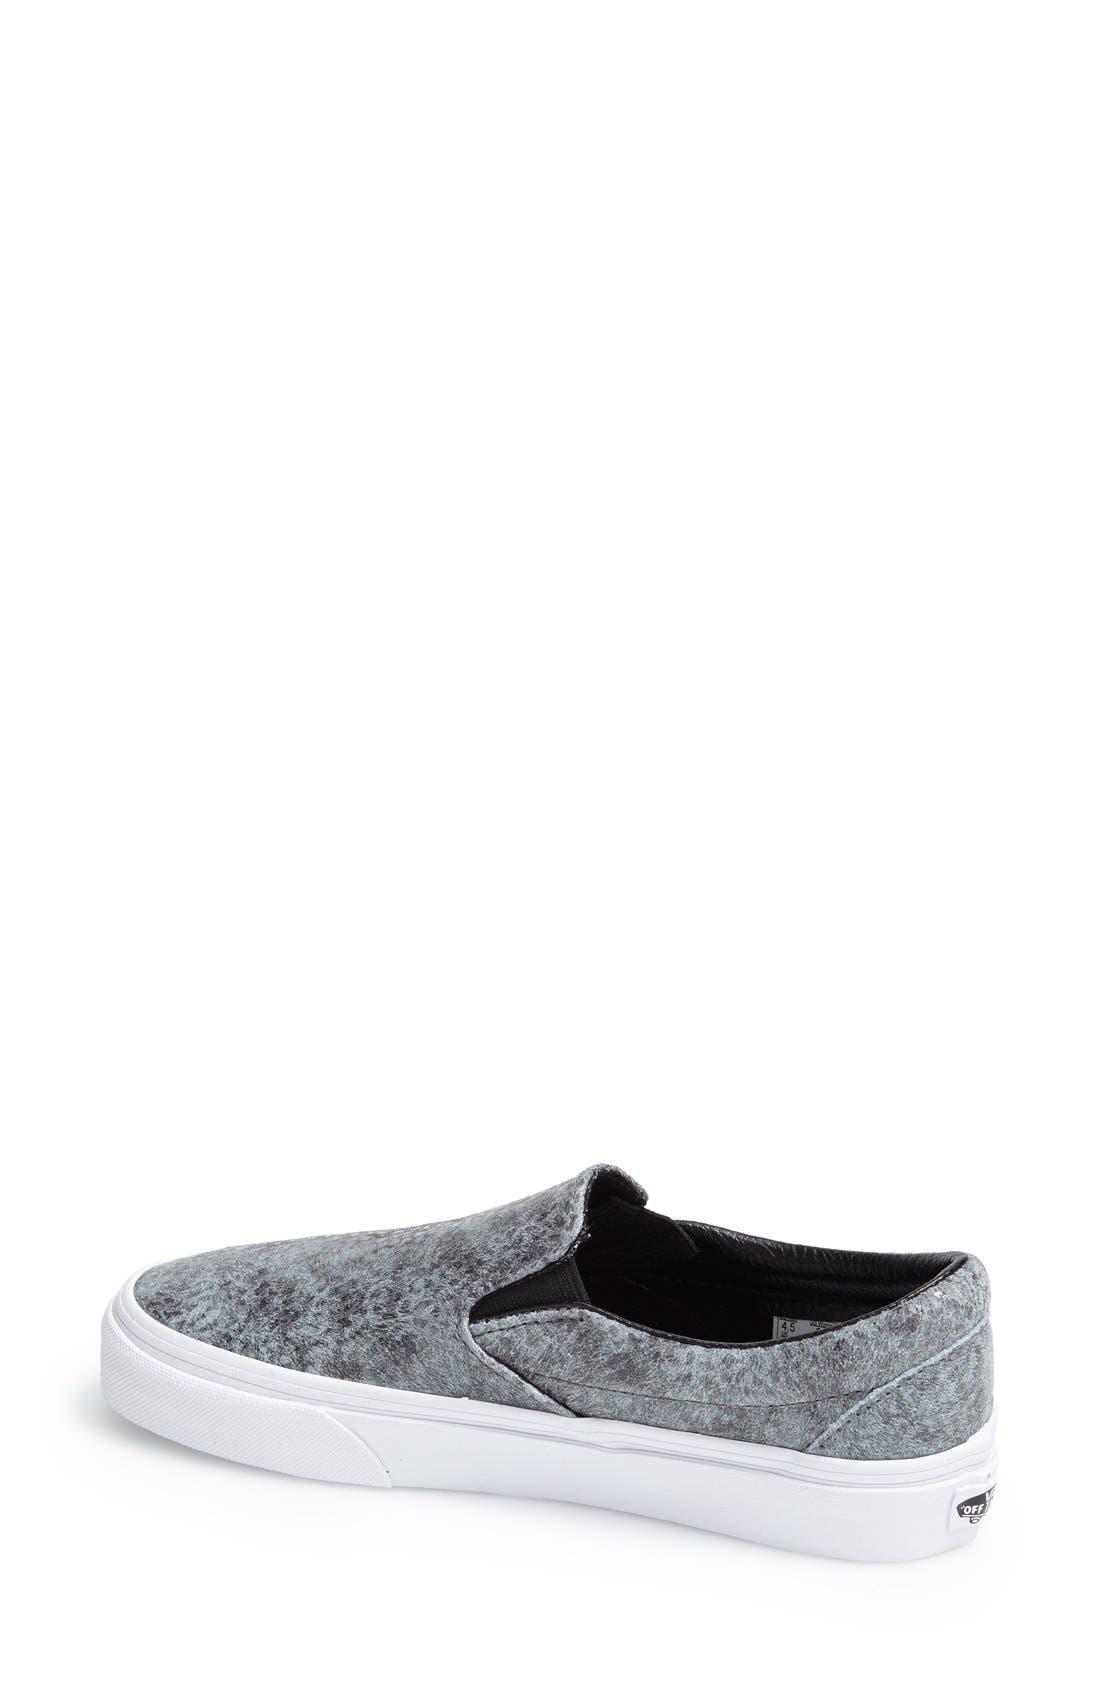 Alternate Image 2  - Vans 'Classic - Pebble Snake' Slip-On Sneaker (Women)